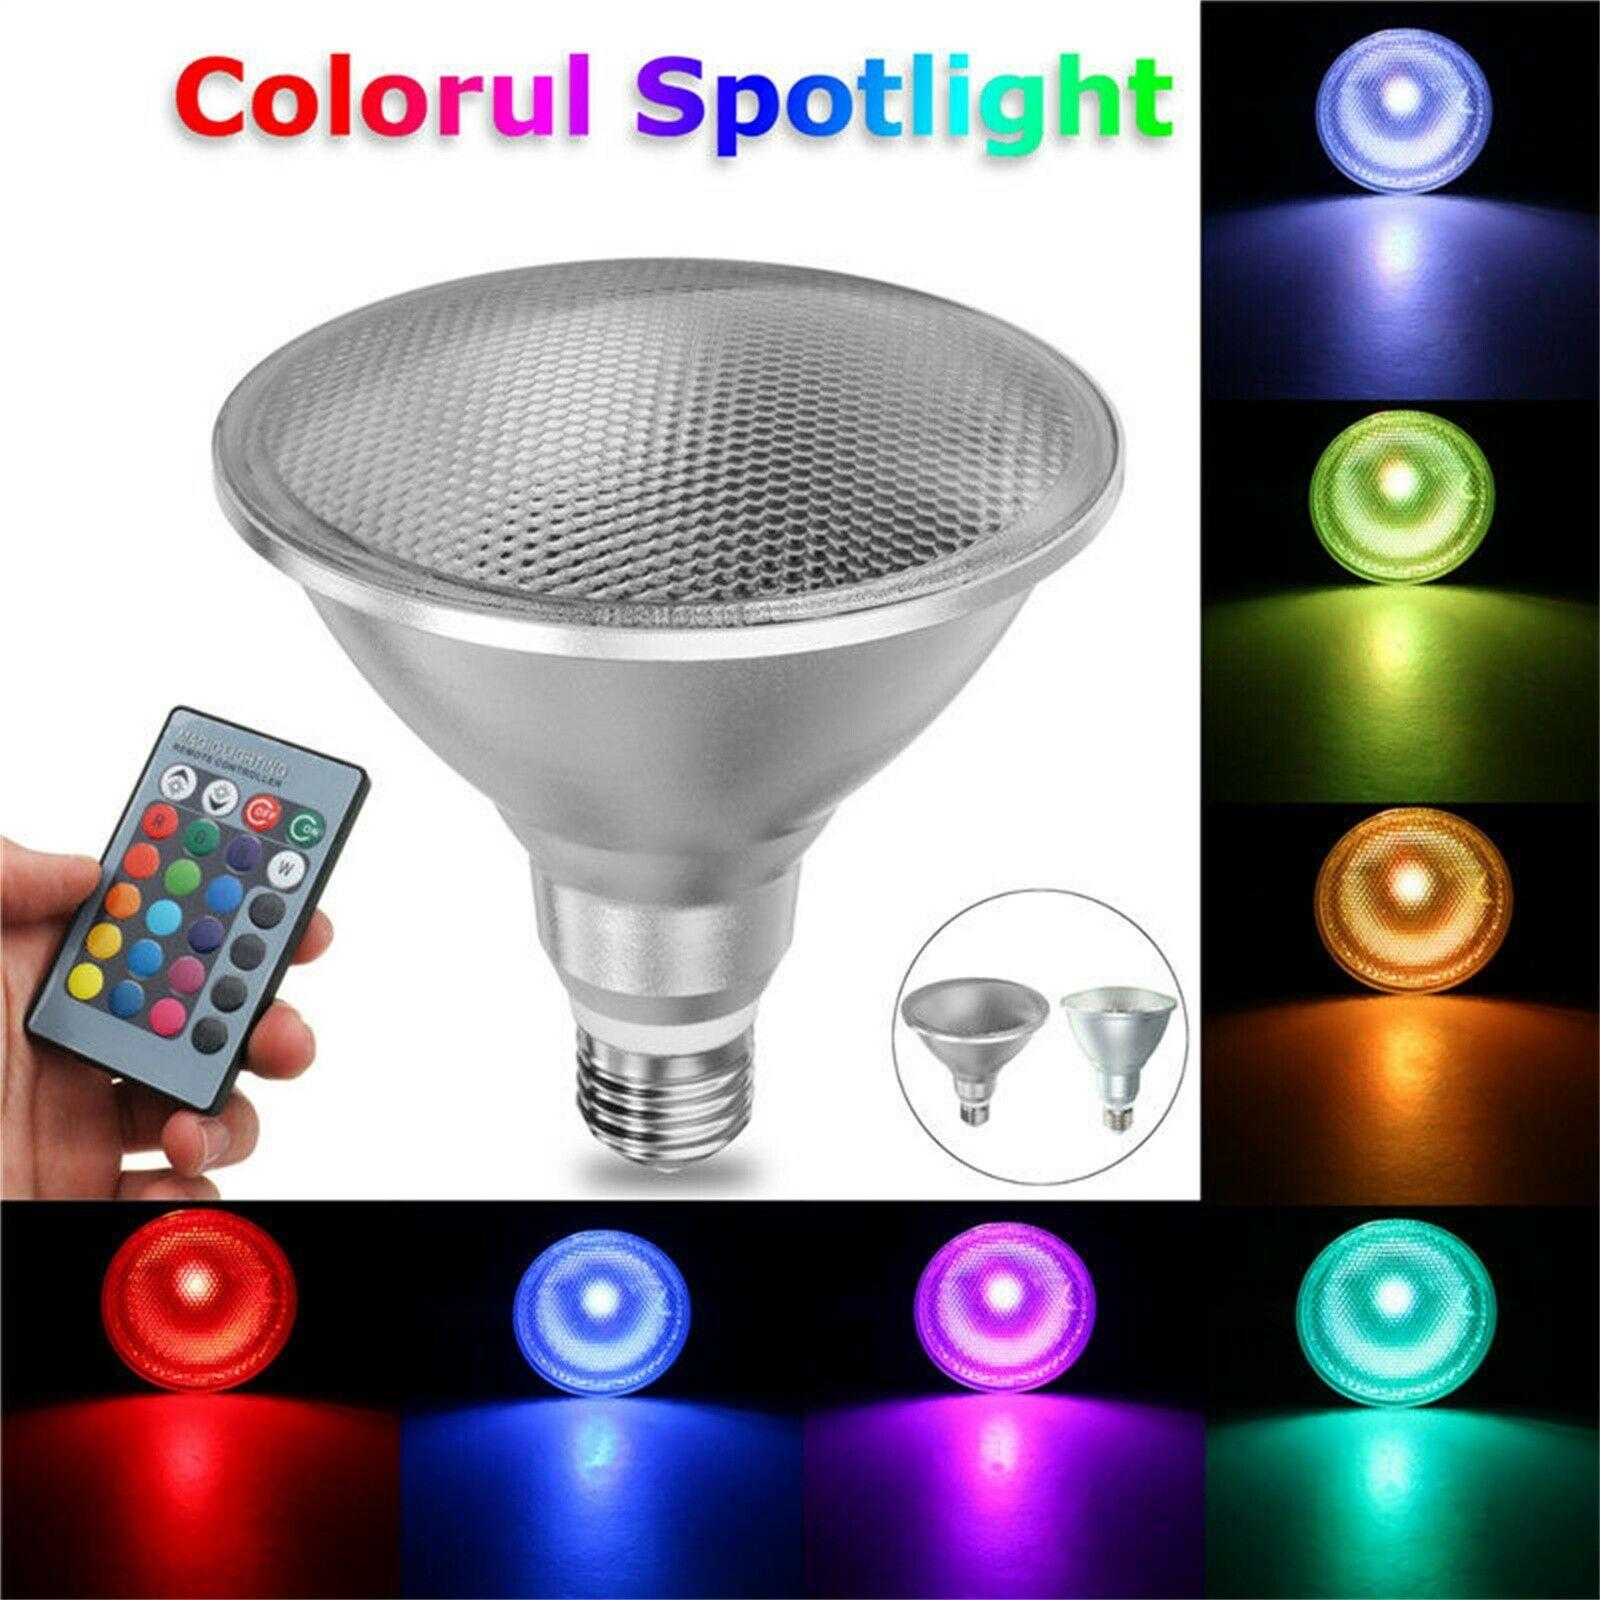 Dimmable RGB PAR30 PAR38 Par luz E27 15W 25W Bombilla de foco LED reflector Control remoto Multicolor decoración del hogar 110V 220V 85-265 V, luz infrarroja para interiores y exteriores, Sensor de movimiento, retardo de tiempo, interruptor PIR de iluminación para el hogar, lámpara nocturna sensible Led